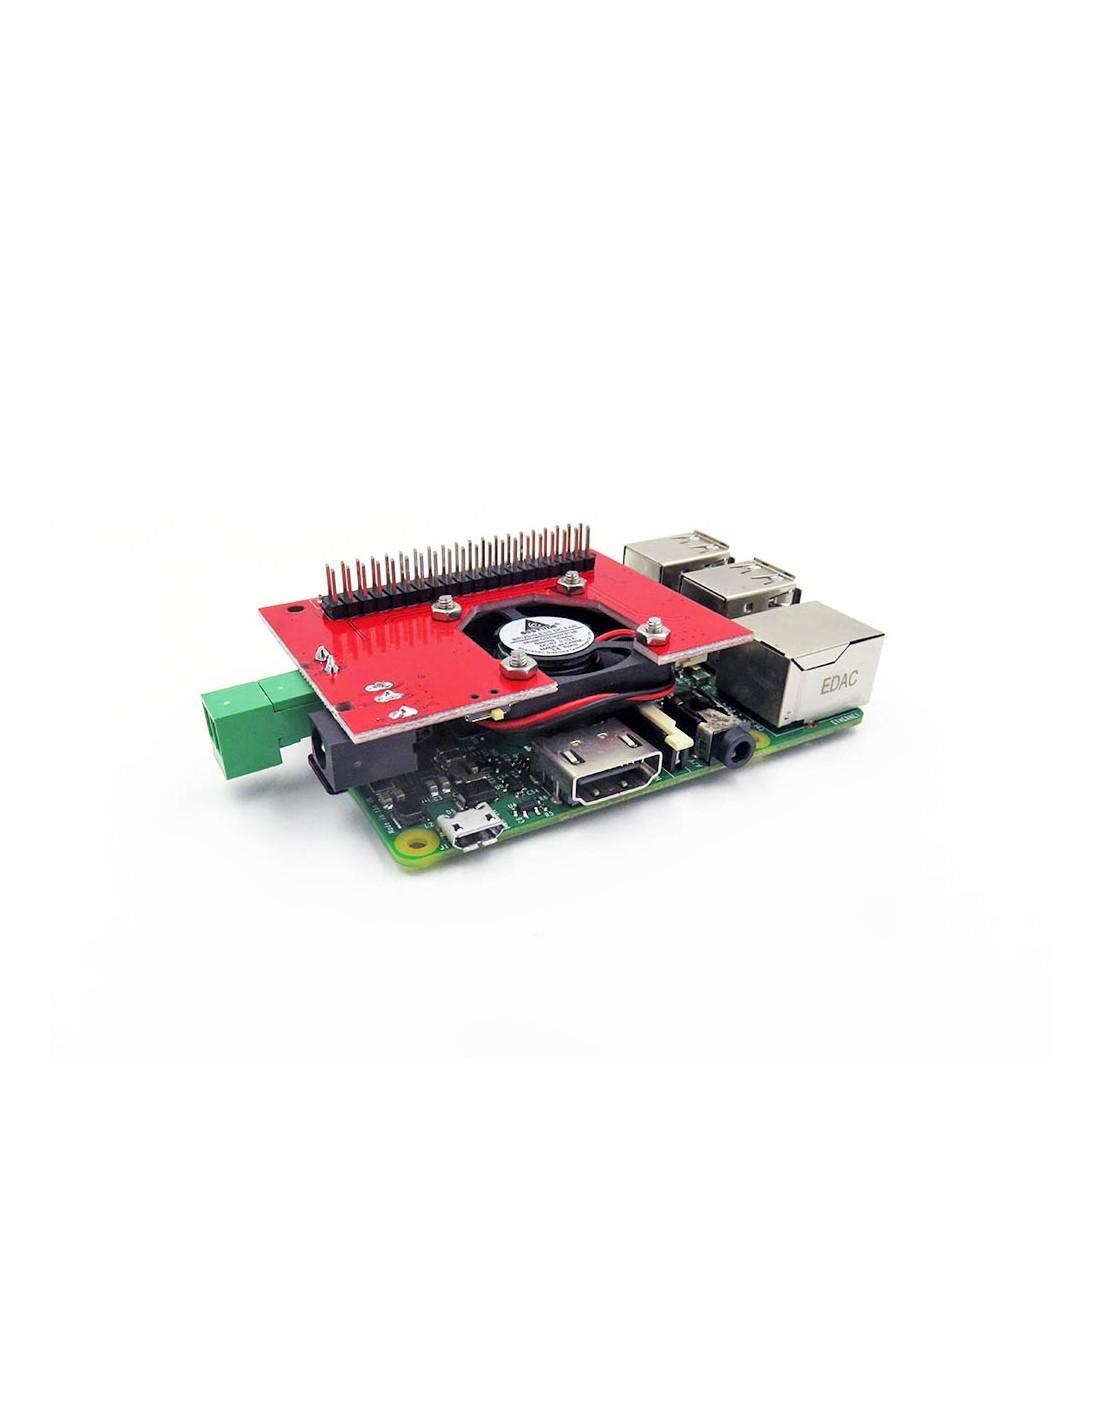 Raspberry Pi Fan Controller